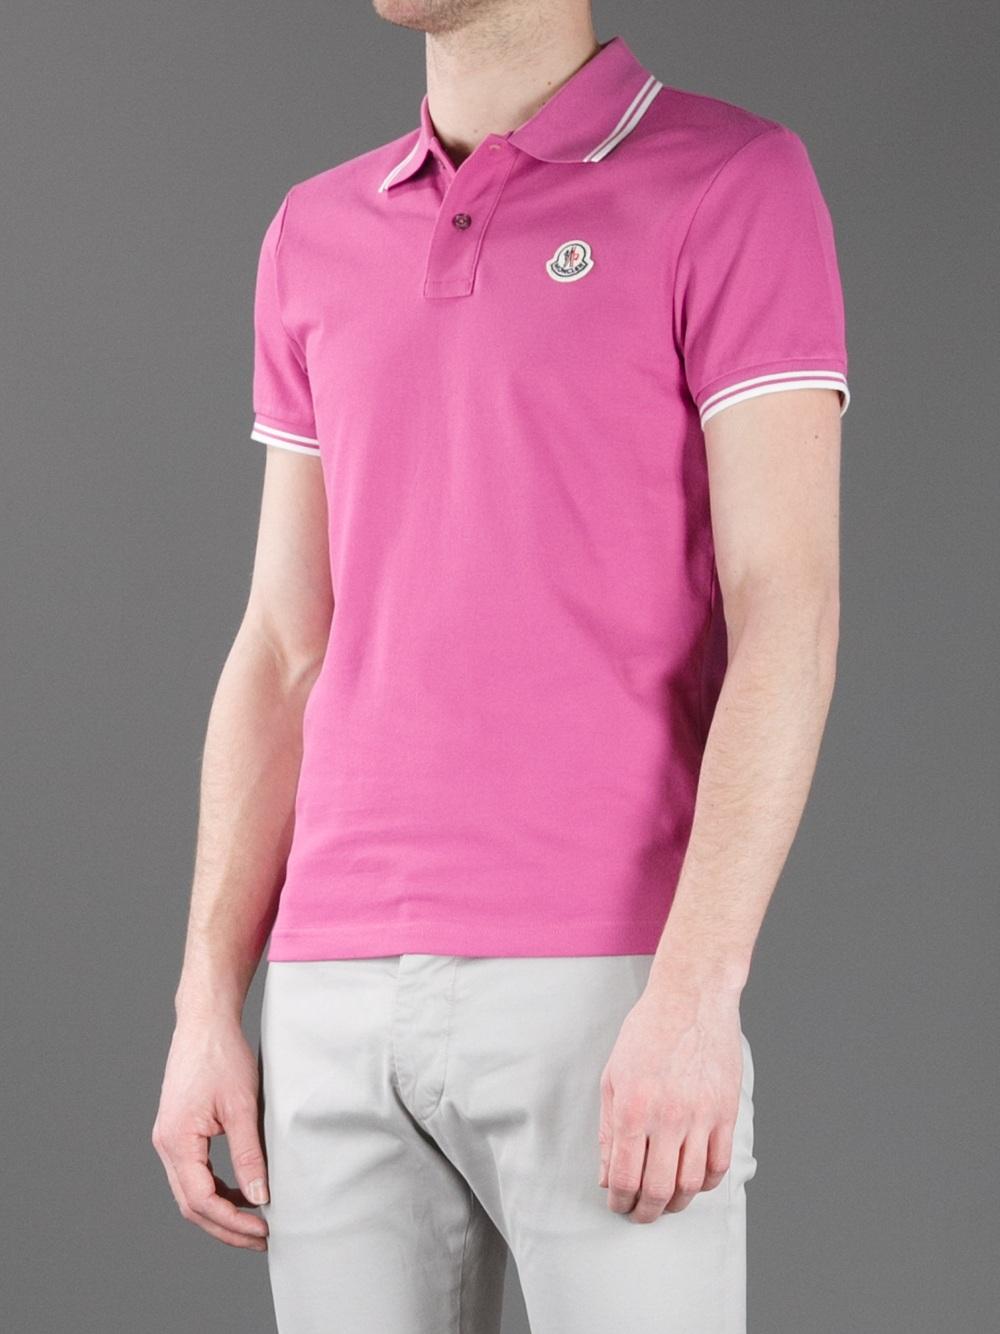 pink moncler shirt